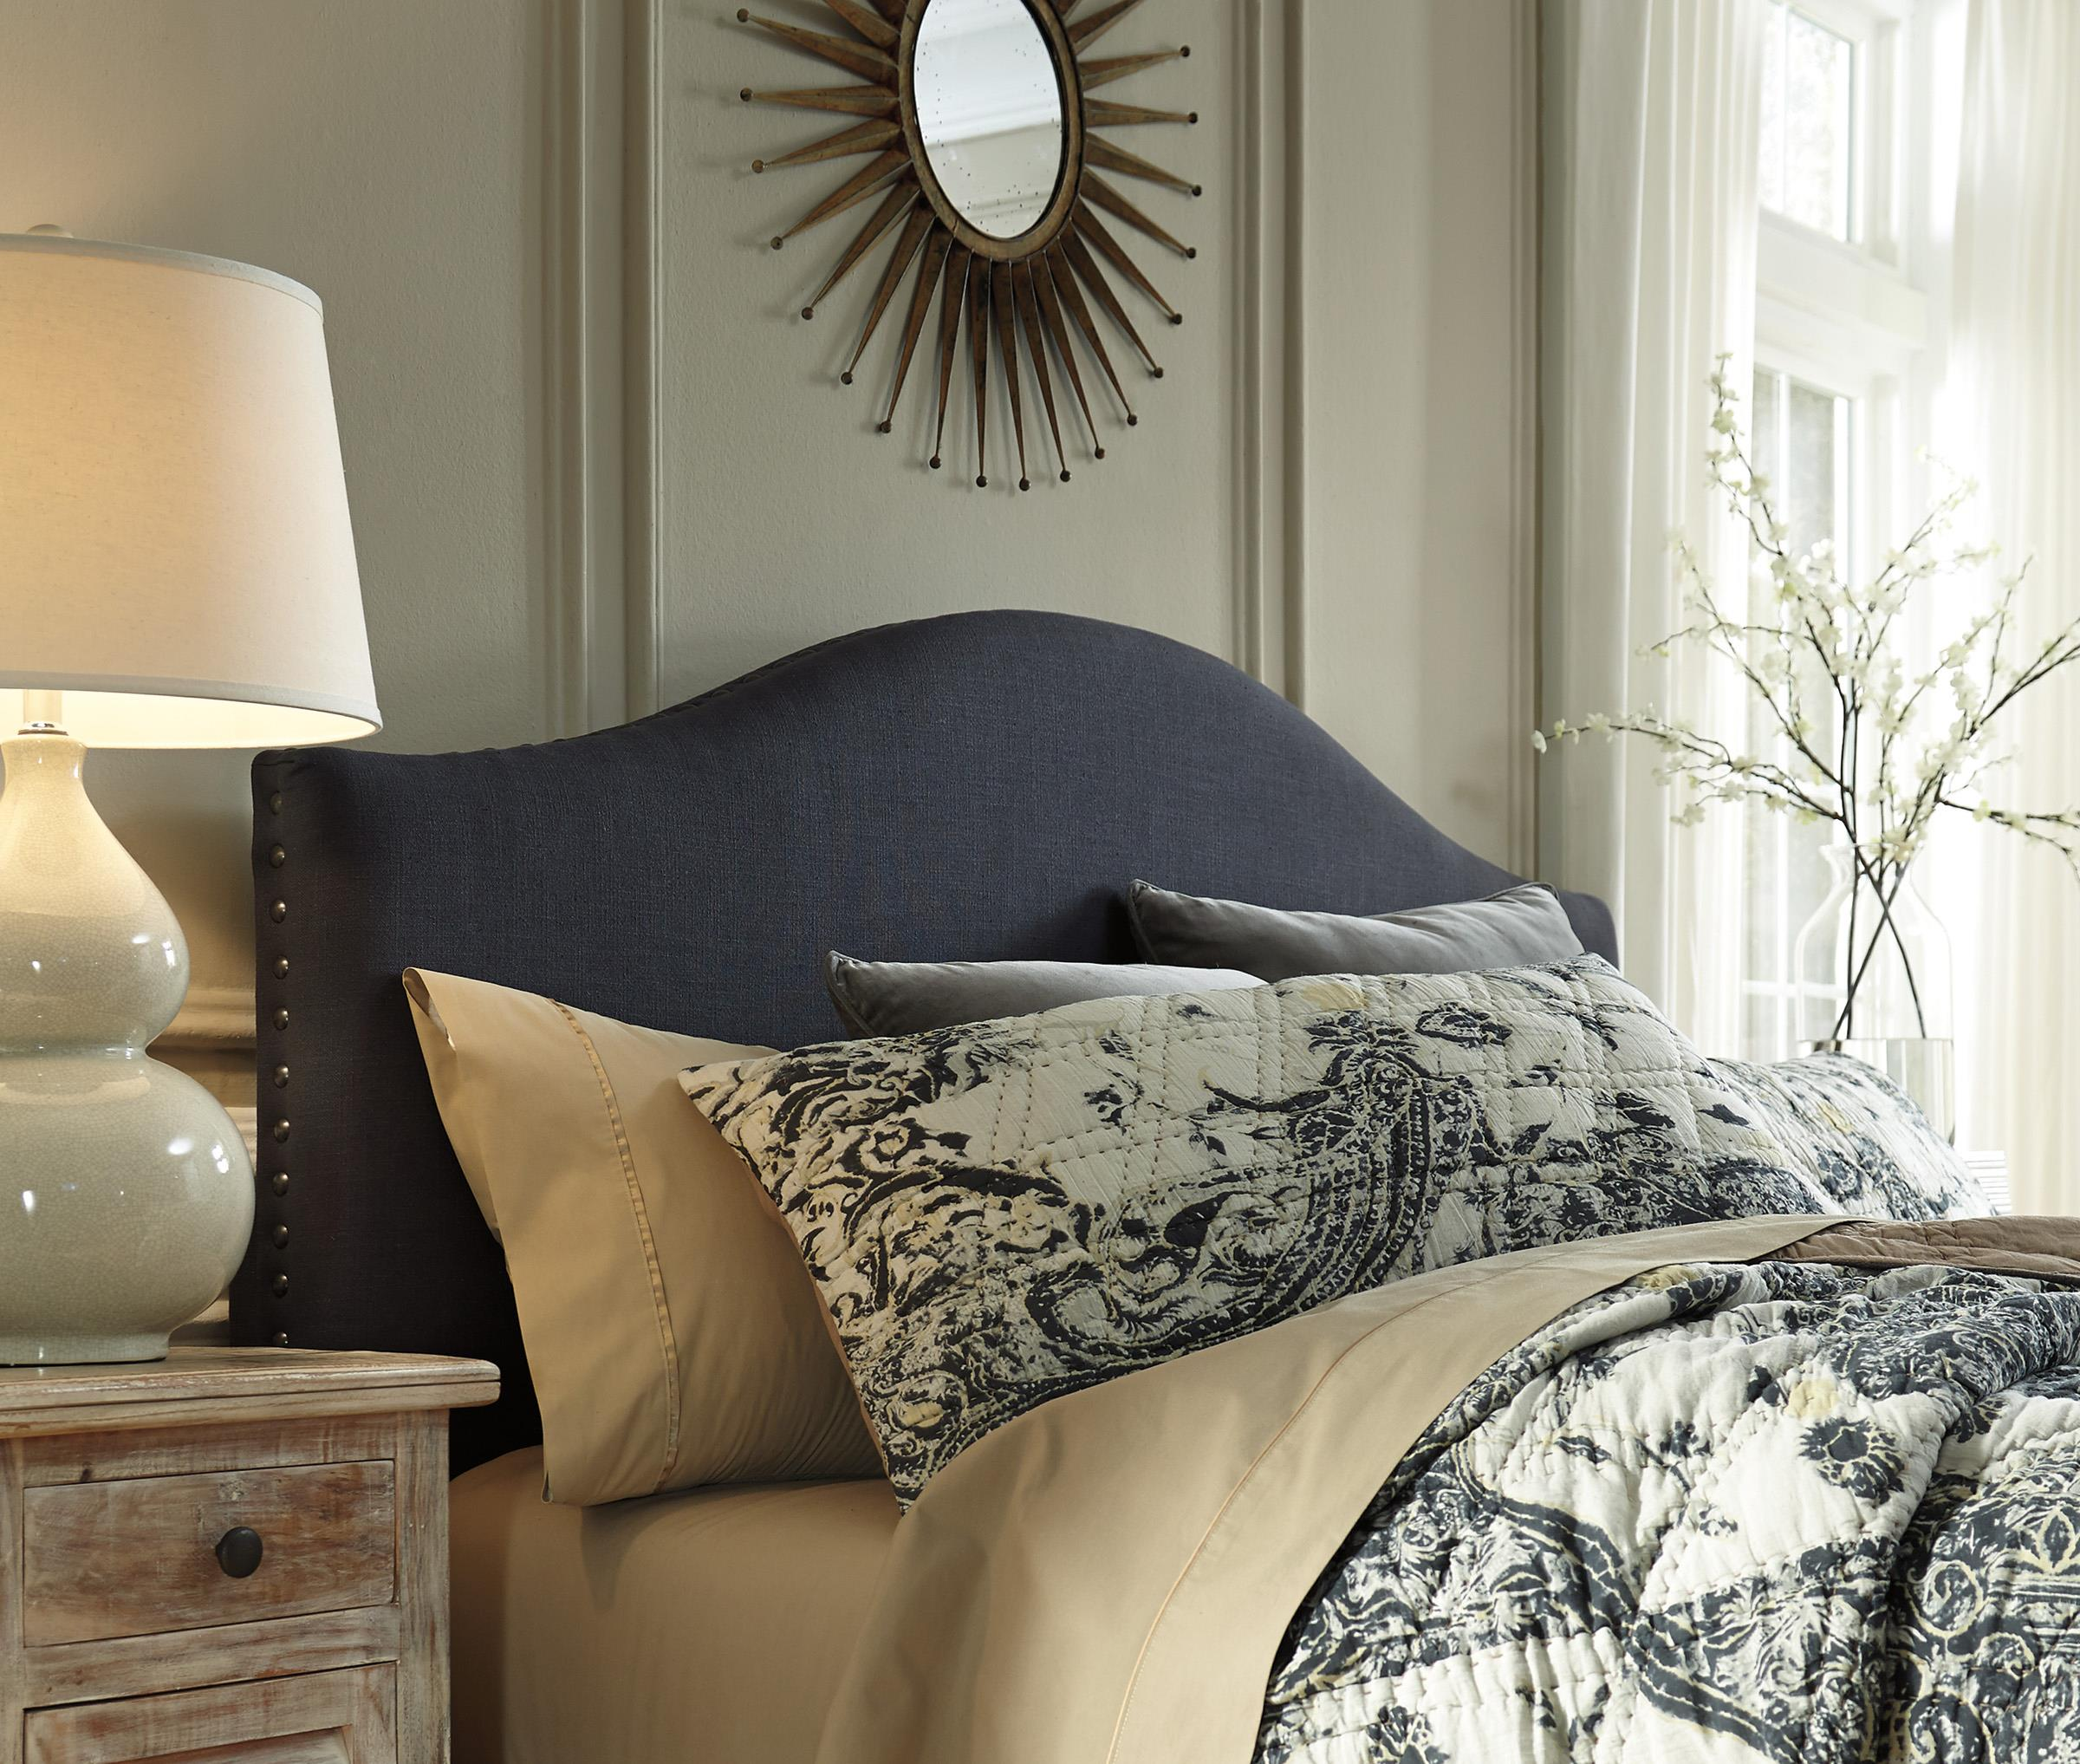 queen upholstered headboard in dark gray with arched shape  - queen upholstered headboard in dark gray with arched shape  nailhead trim